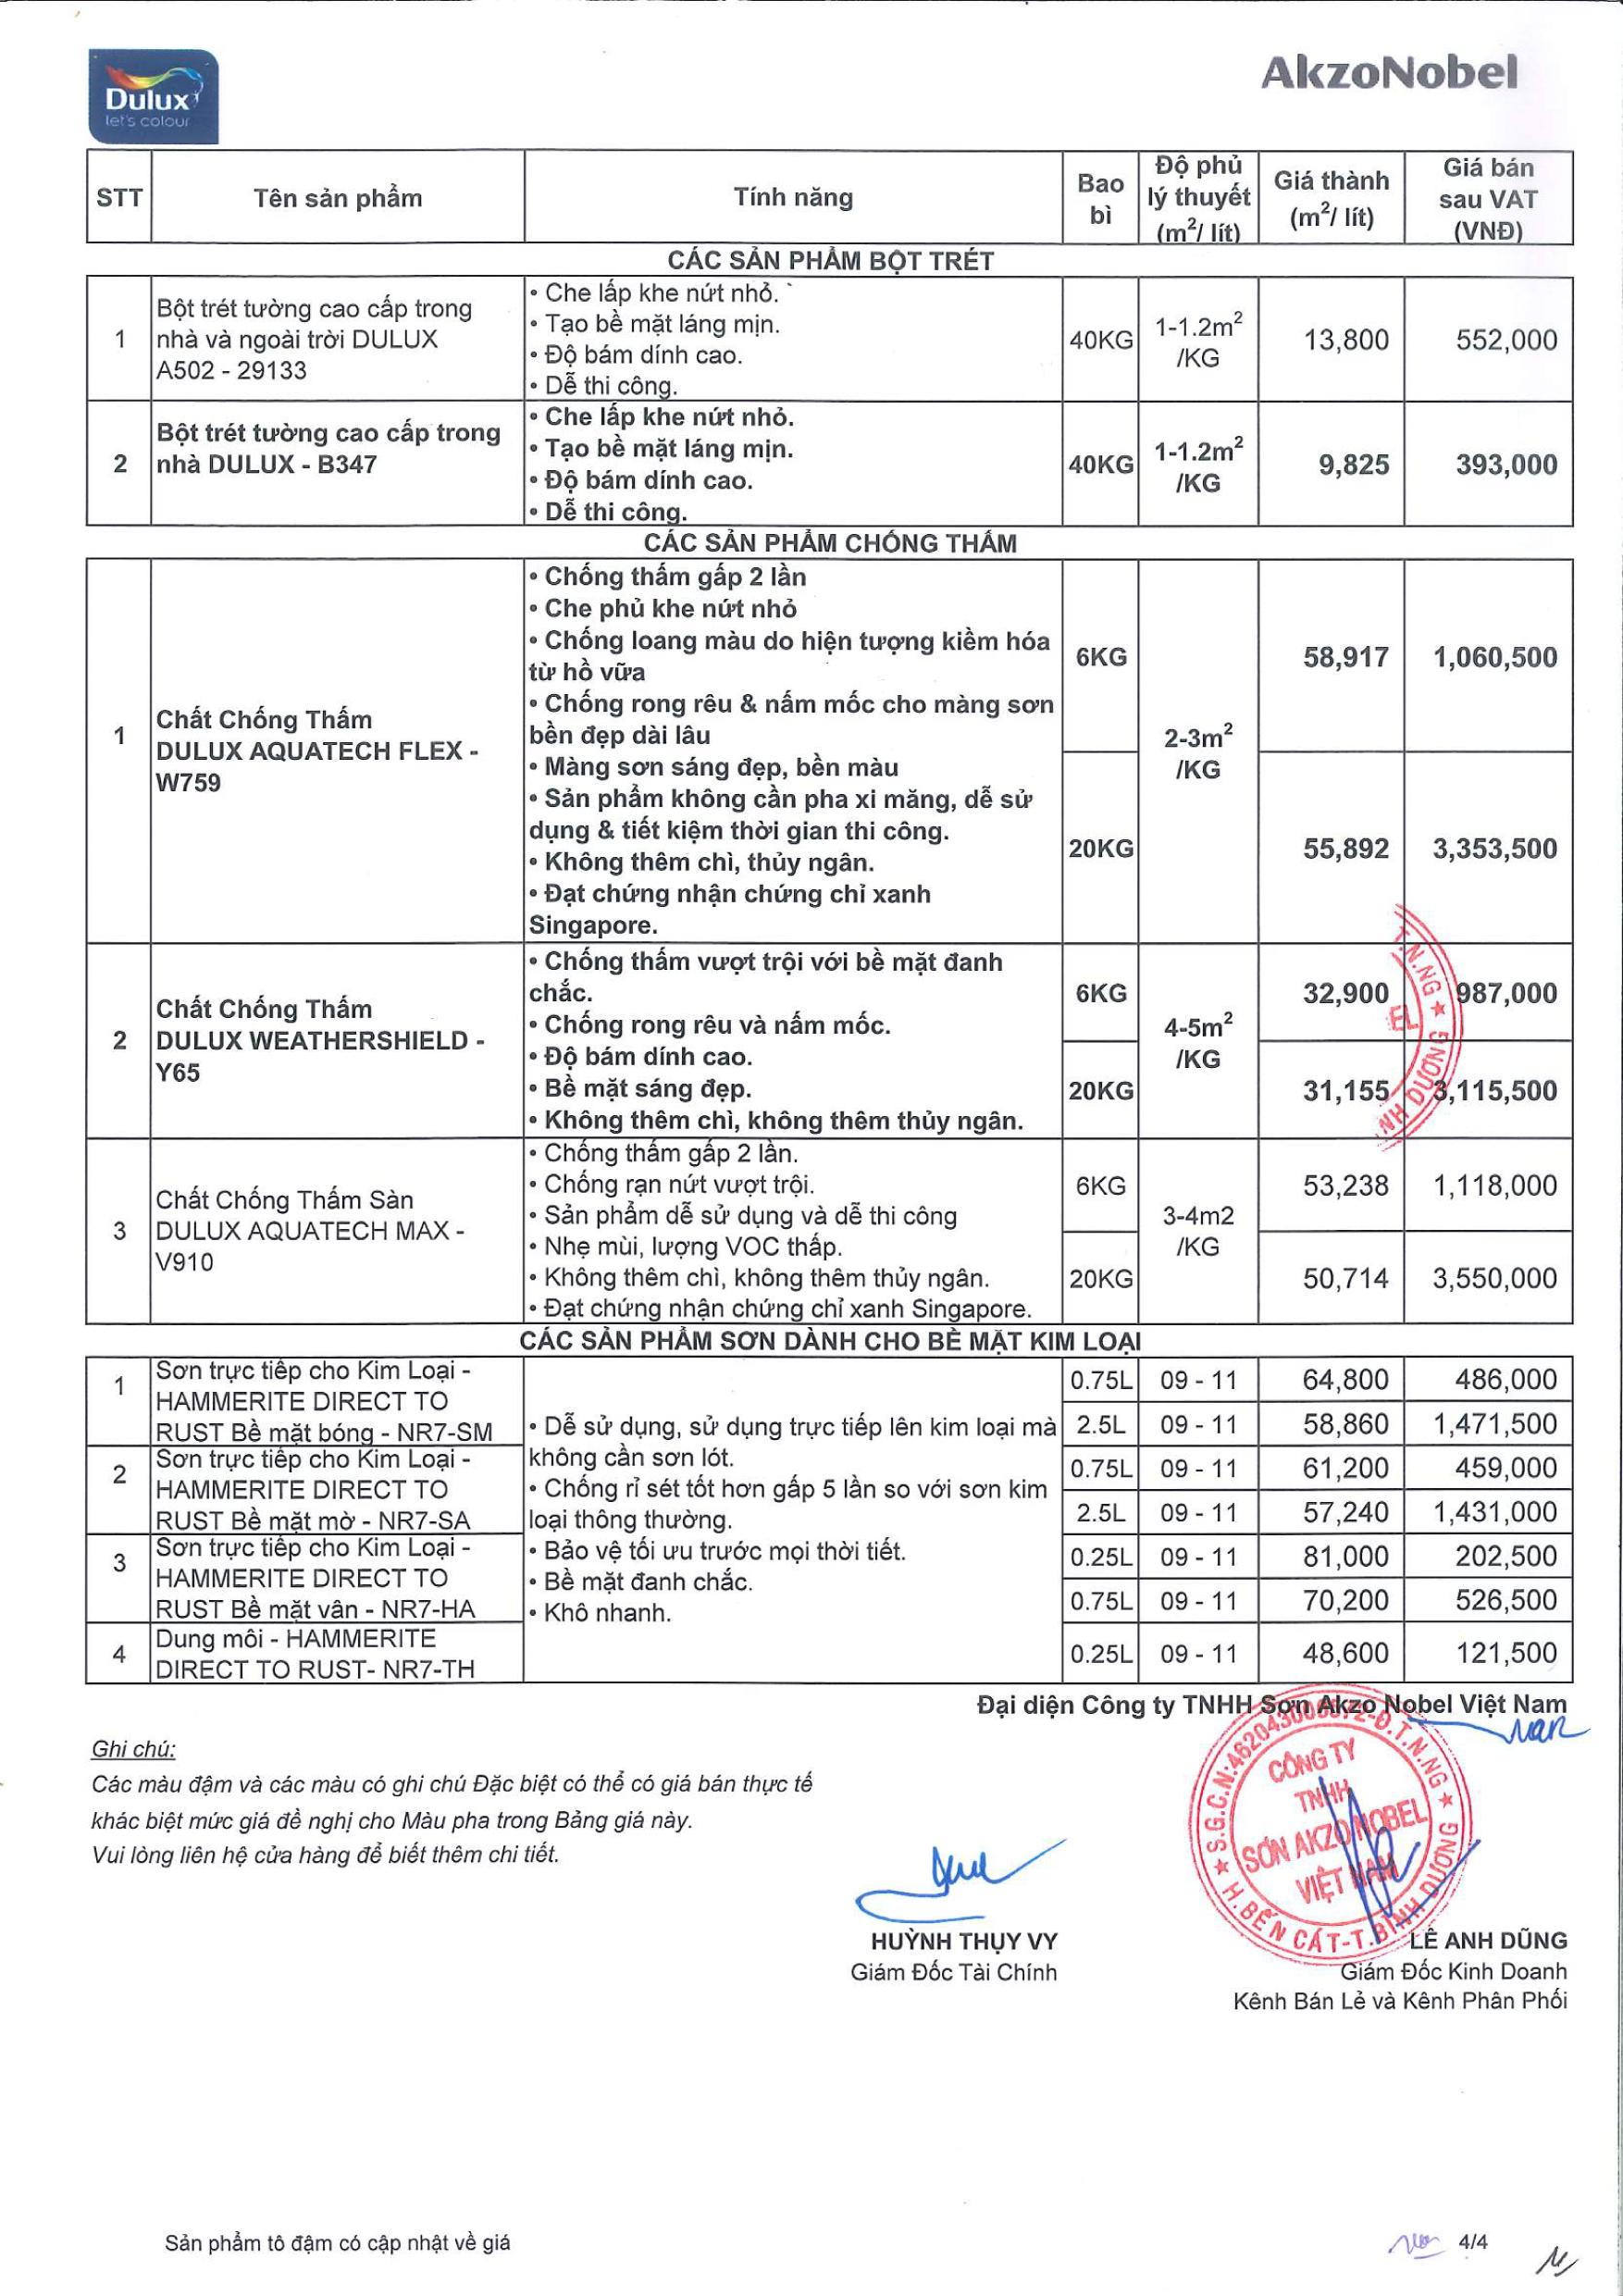 bao-gia-son-dulux-dan-dung-thang-7-2020-4